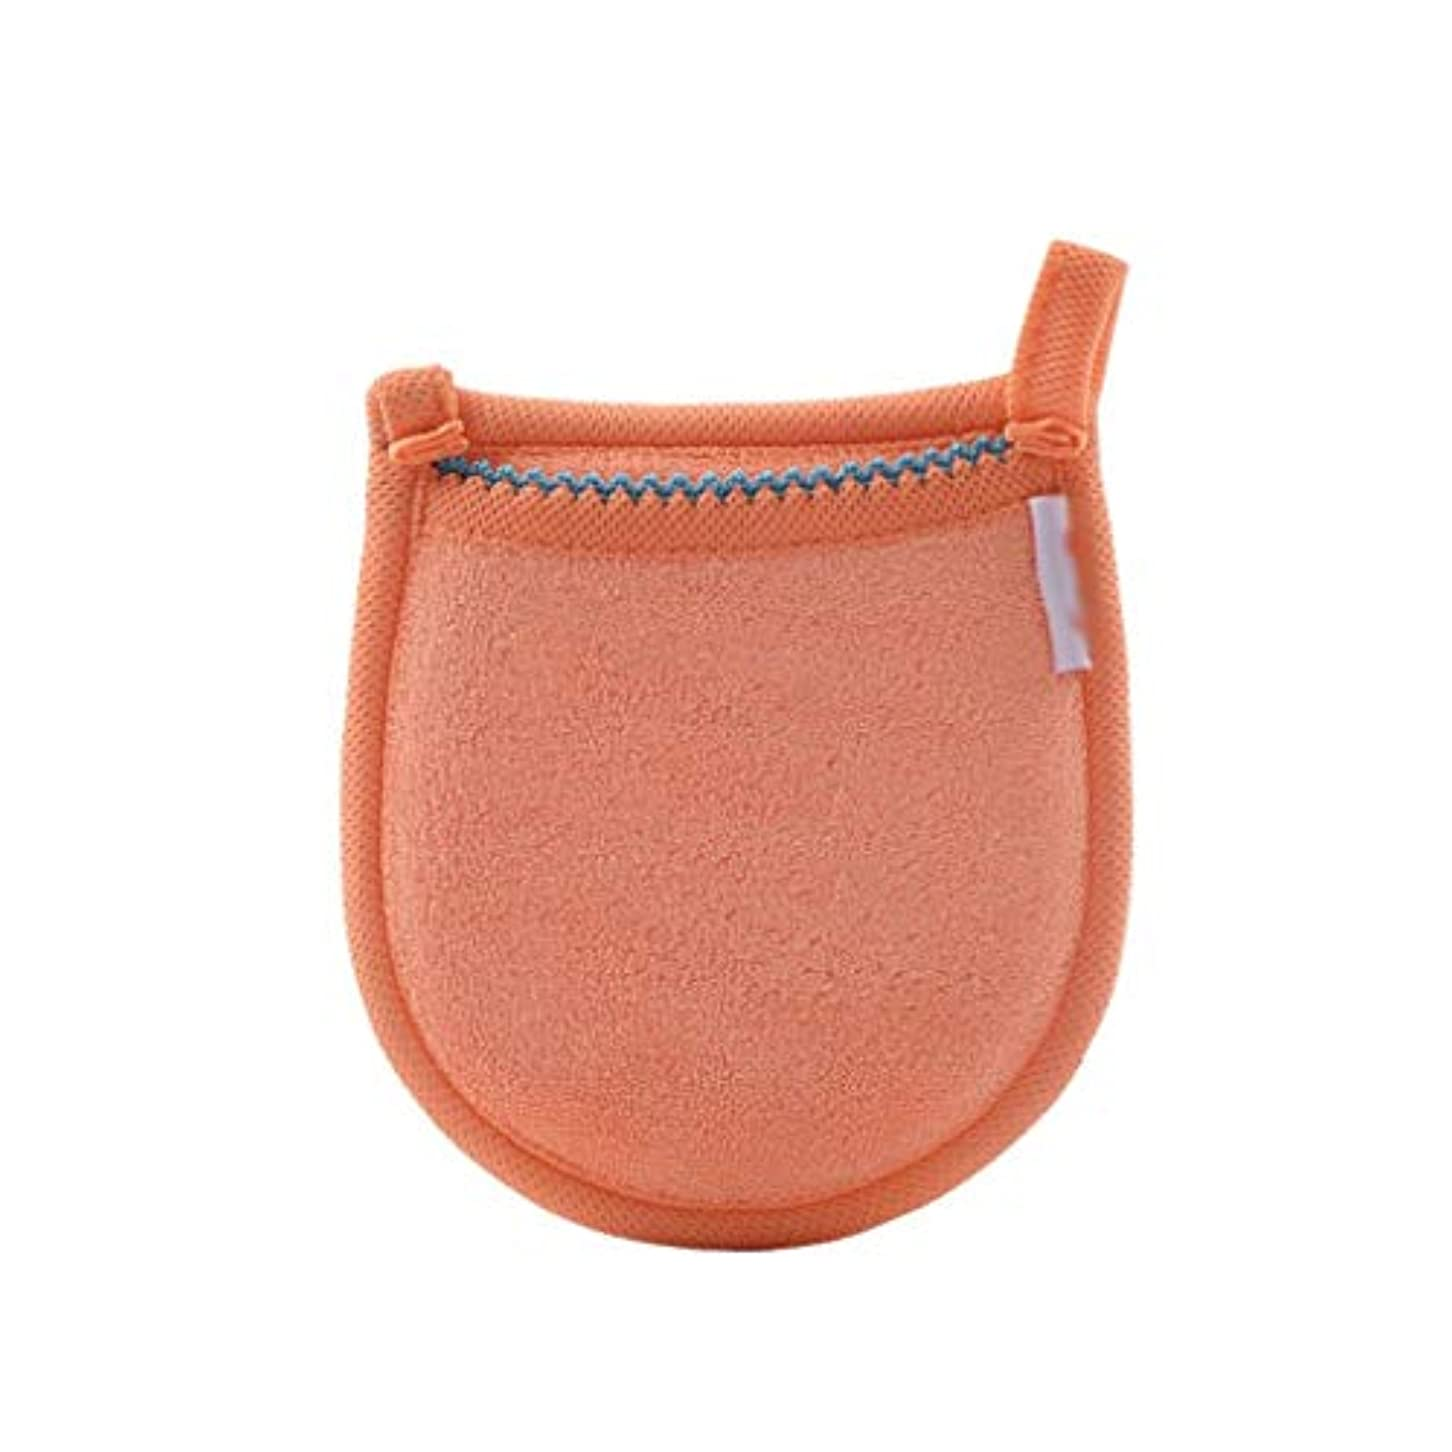 ラフレシアアルノルディ誕生日代表1ピースフェイシャル竹炭スポンジフェイスメイク落とし美容再利用可能なフェイスタオルクリーニンググローブ洗濯メイクアップツール (Color : Orange)